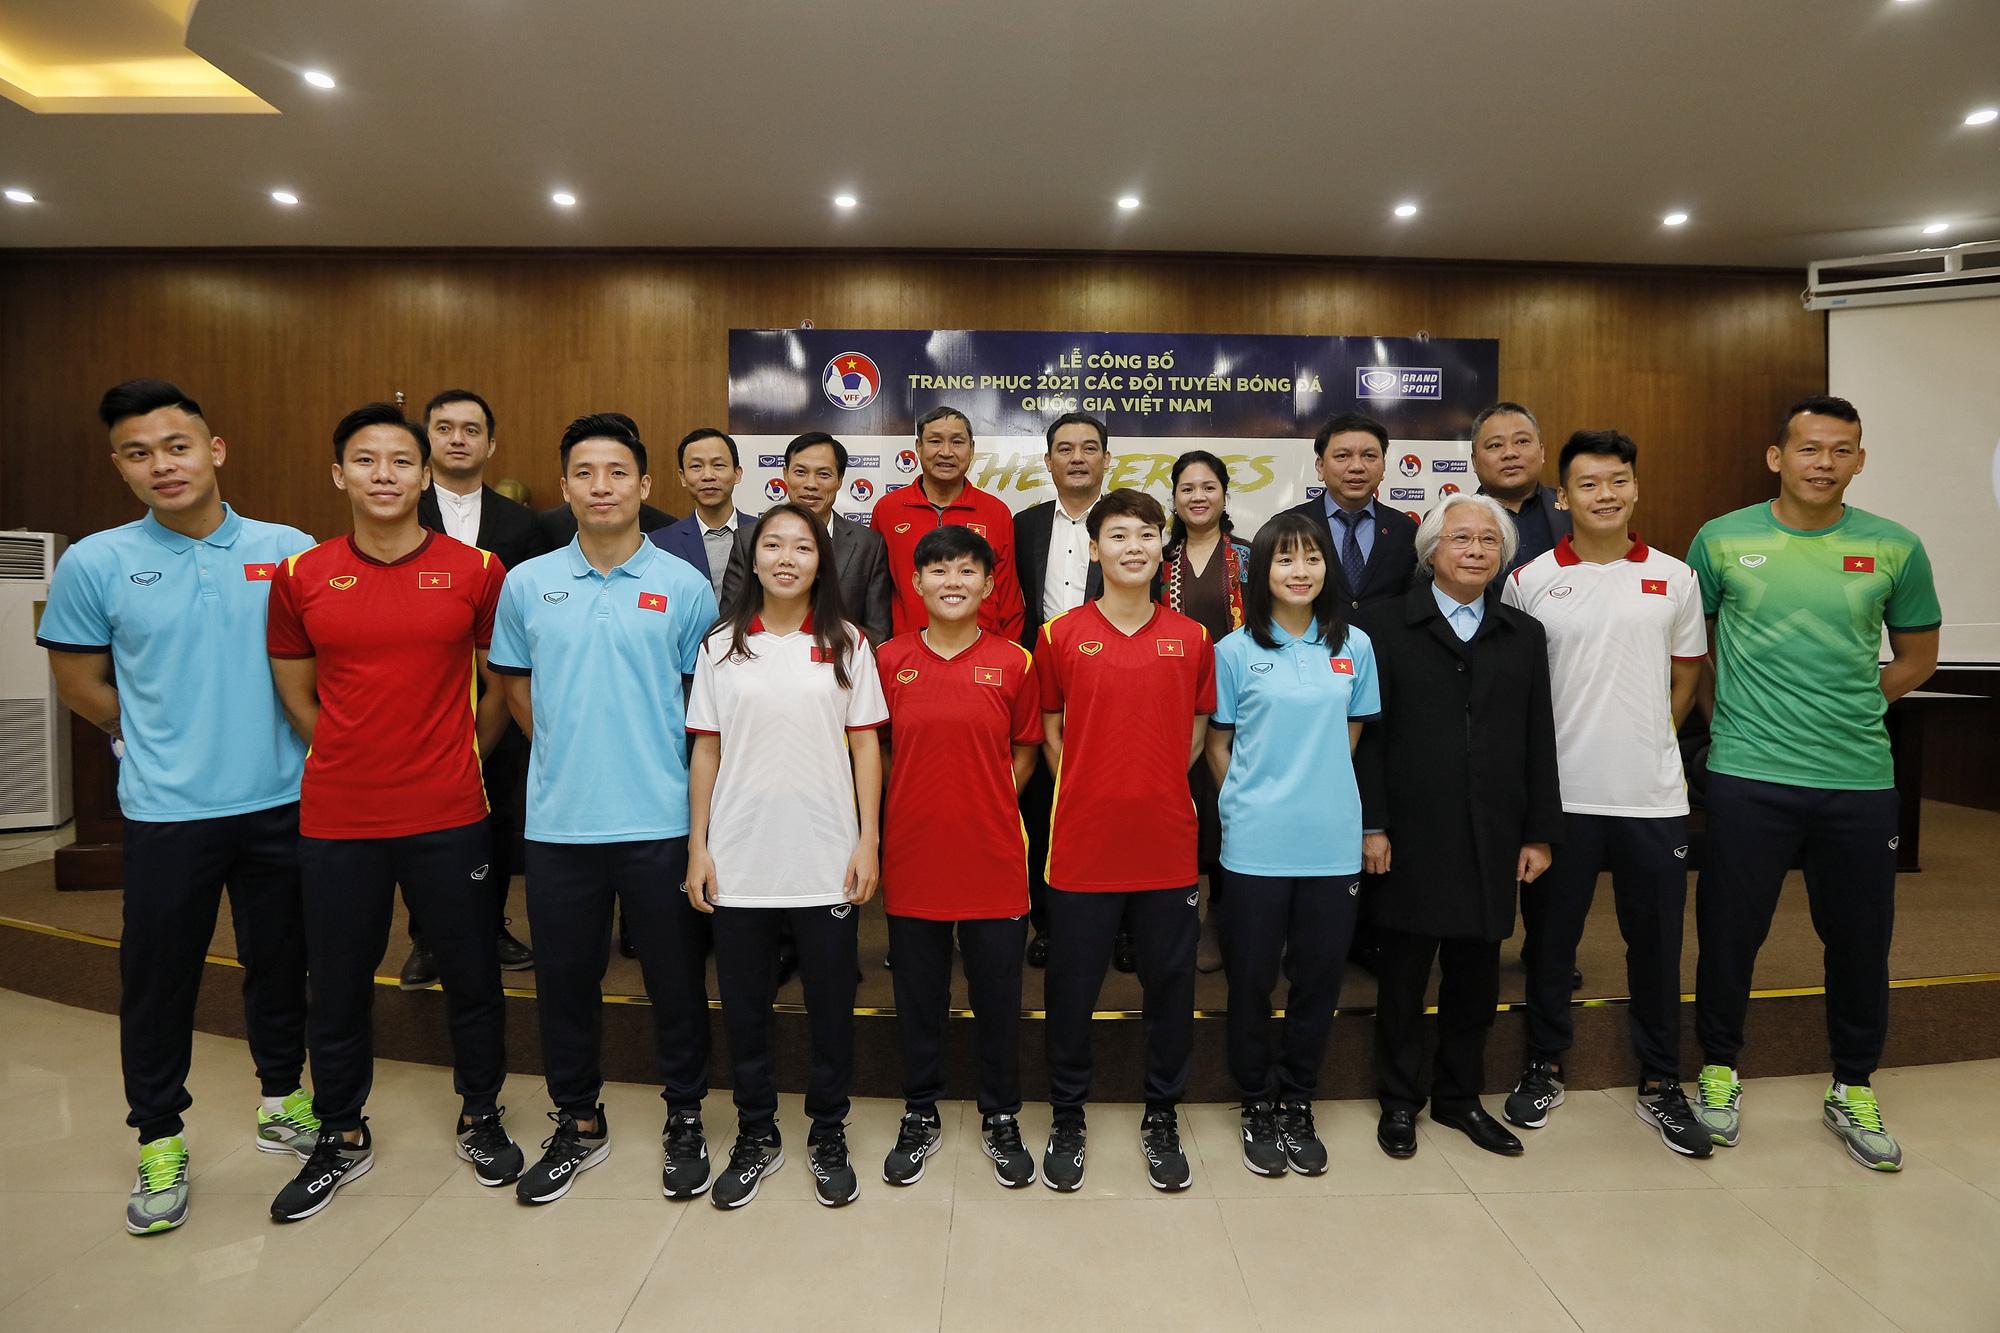 Lãnh đạo VFF cùng đại diện các tuyển thủ bóng đá nam, nữ Việt Nam chụp ảnh lưu niệm với mẫu áo thi đấu mới của Grand Sport. Ảnh: Minh Hoàng